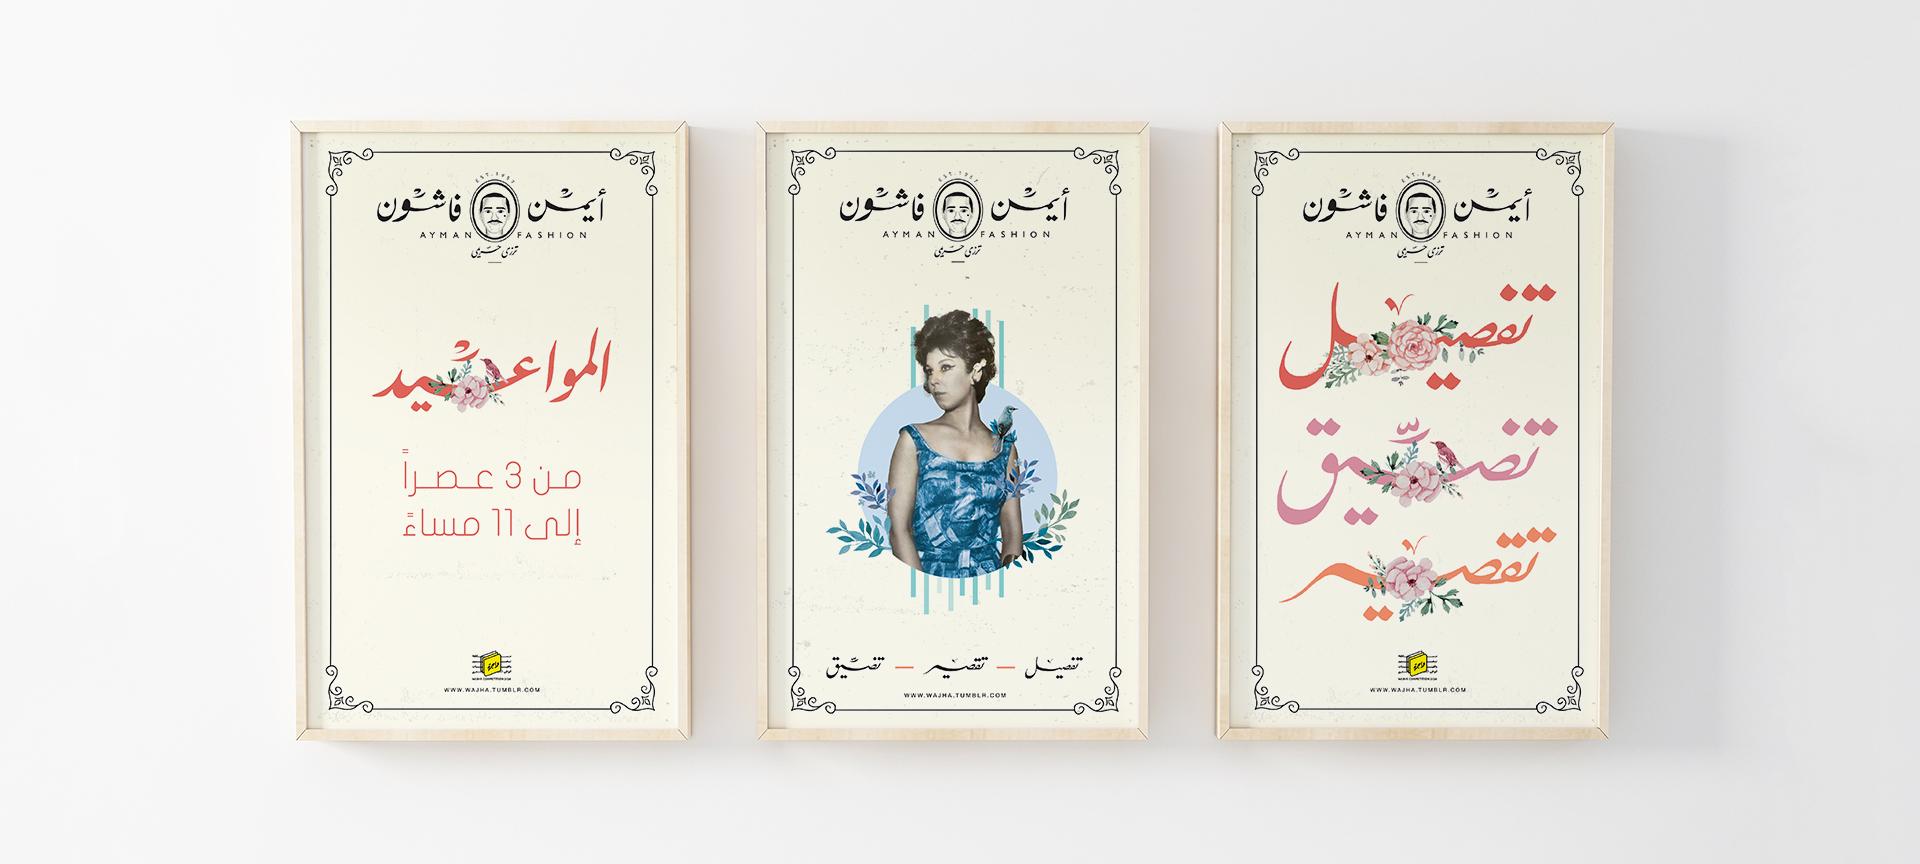 Ayman Fashion Visual Identity